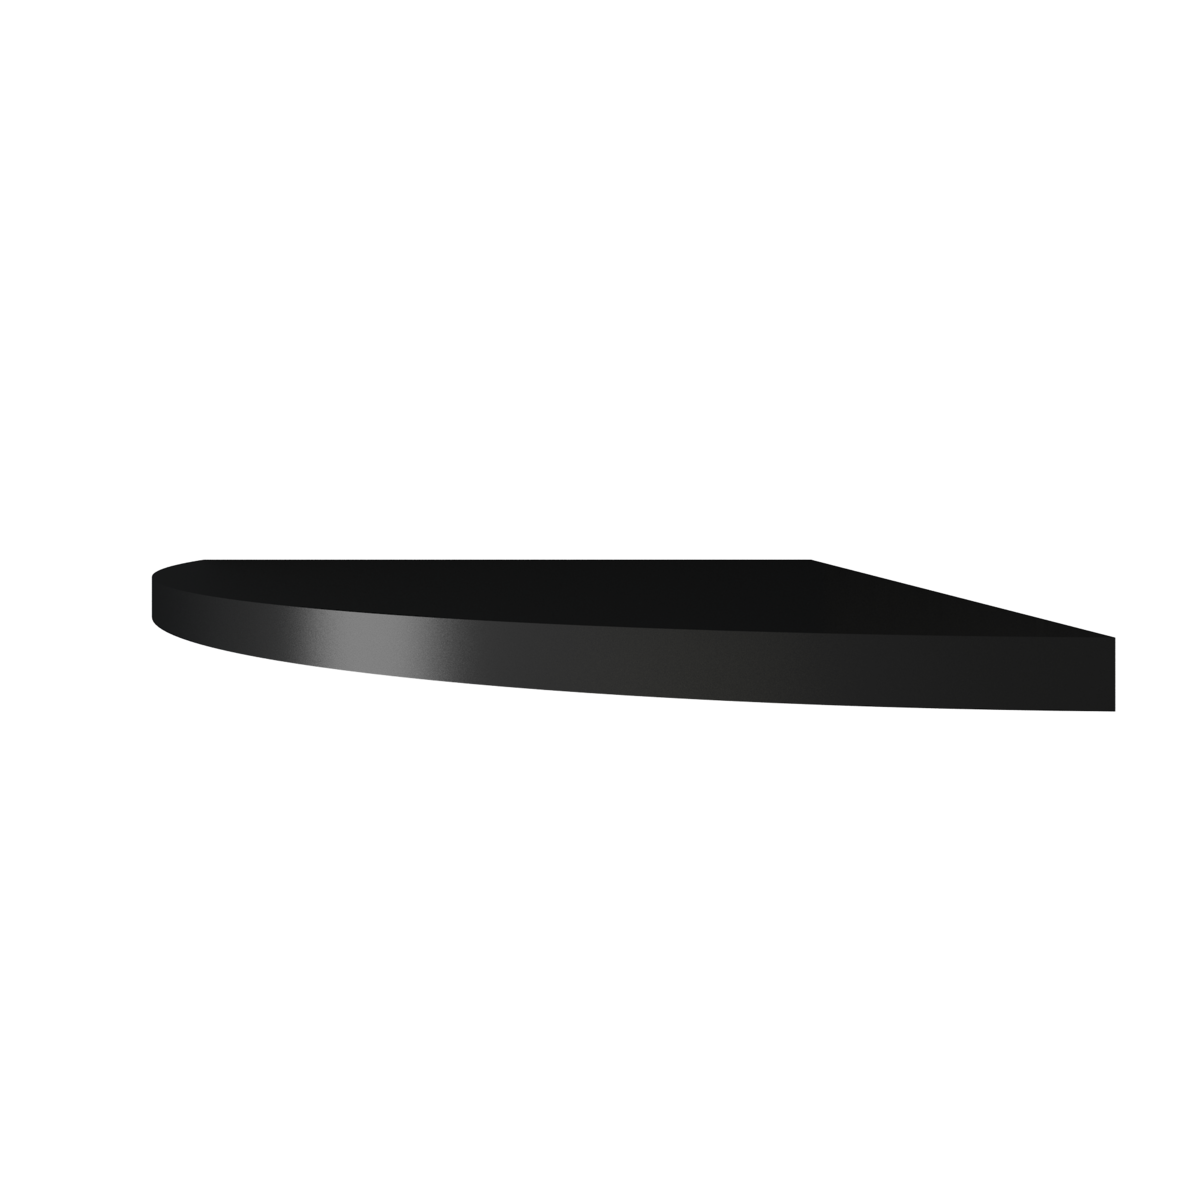 Prateleira/Nicho Flutuante 30x30 cms com suporte incluso Decore PRAT-CANTO-15